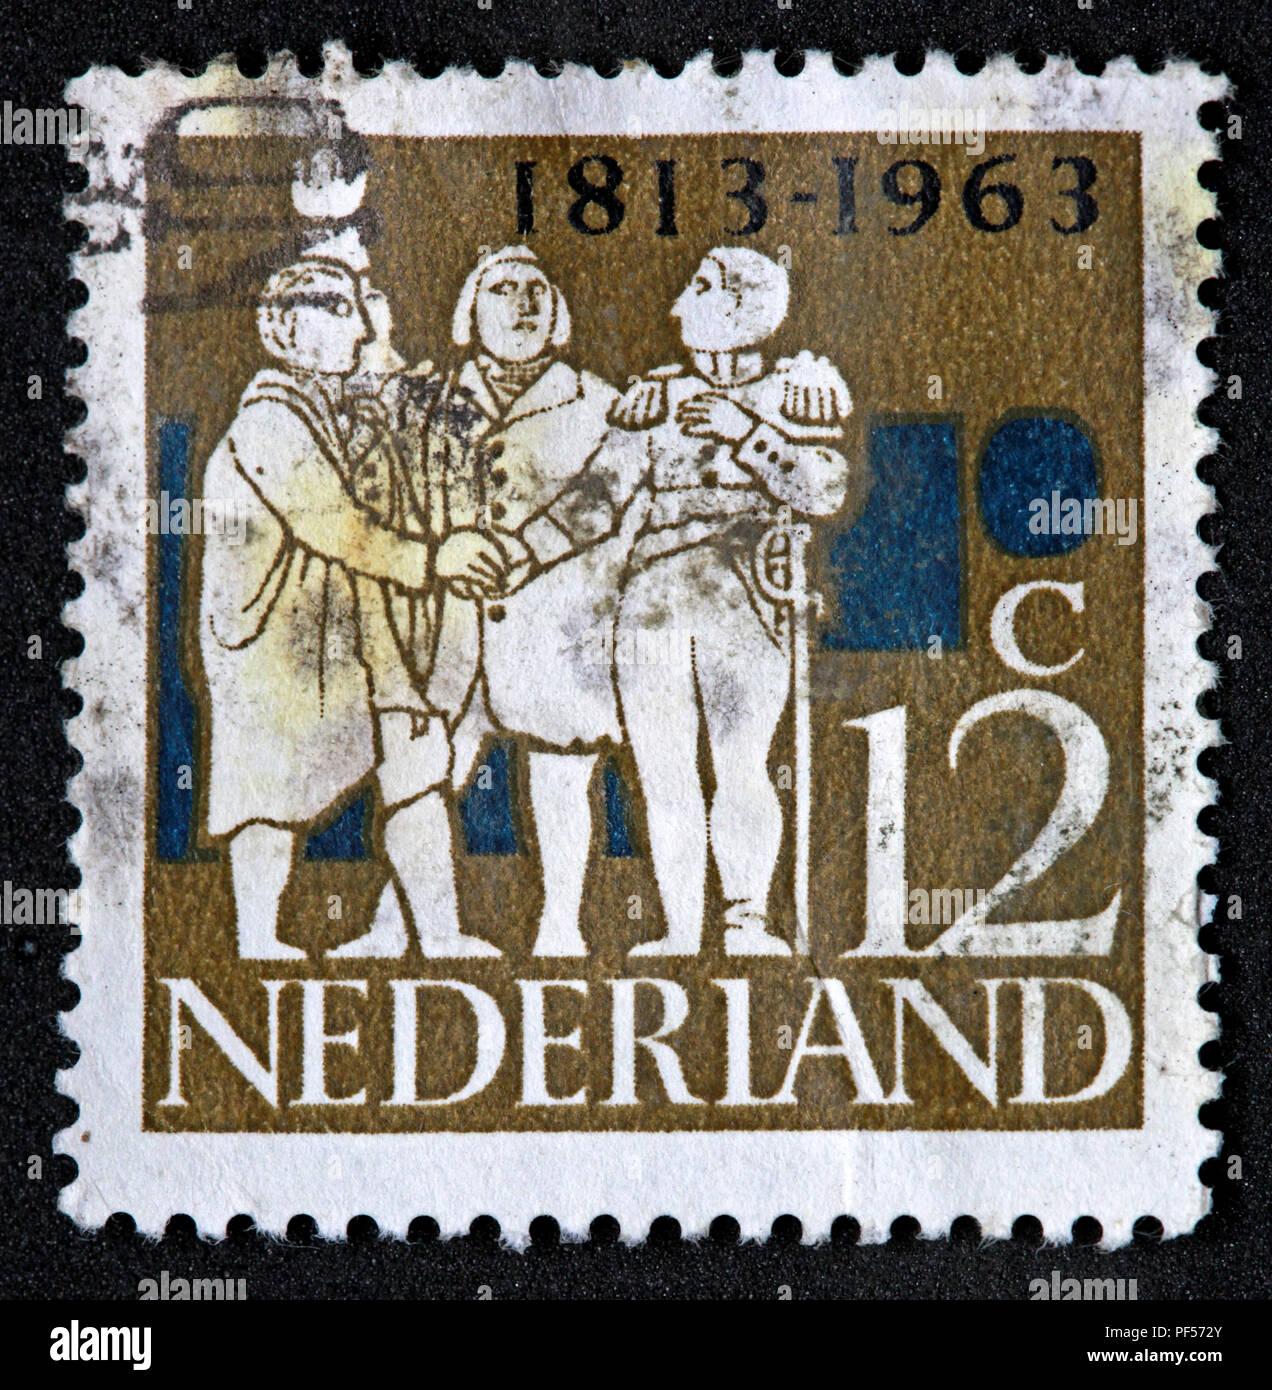 Laden Sie dieses Alamy Stockfoto Verwendet frankiert Nederland Niederlande Stempel, Braun 12 c Zwölf Cent 1813-1963 - PF572Y